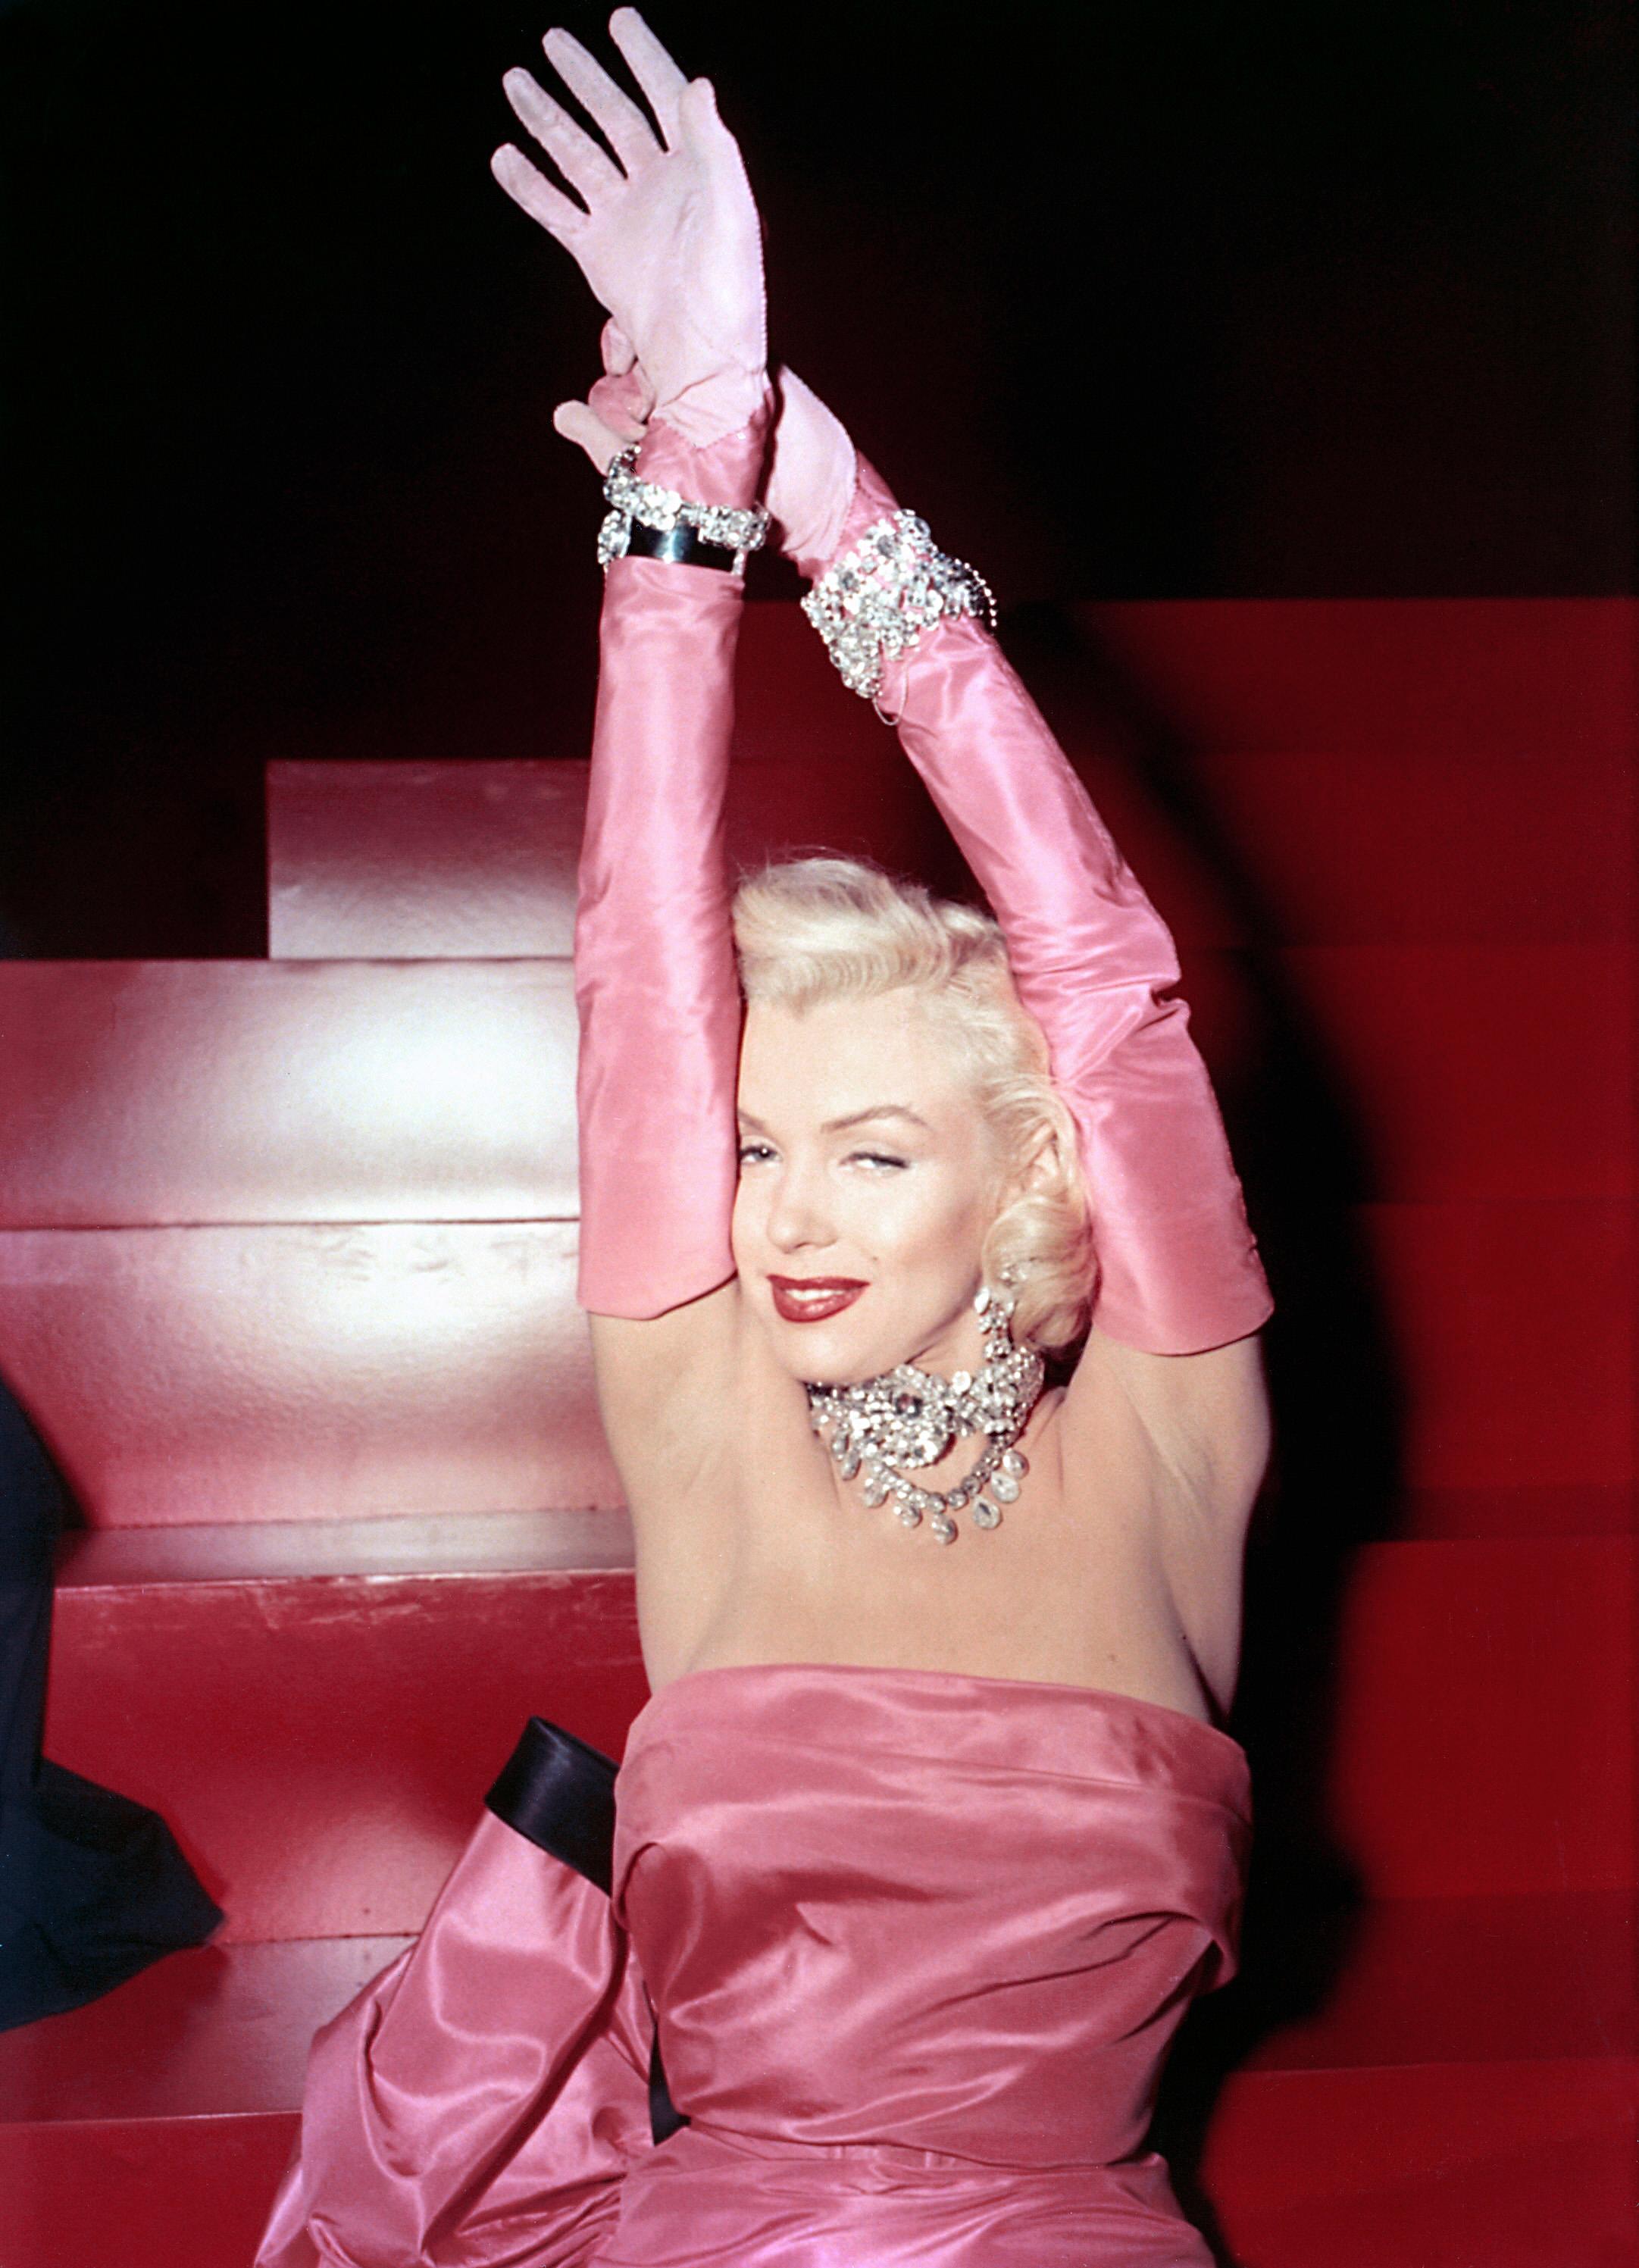 Фото розовая блондинка 24 фотография